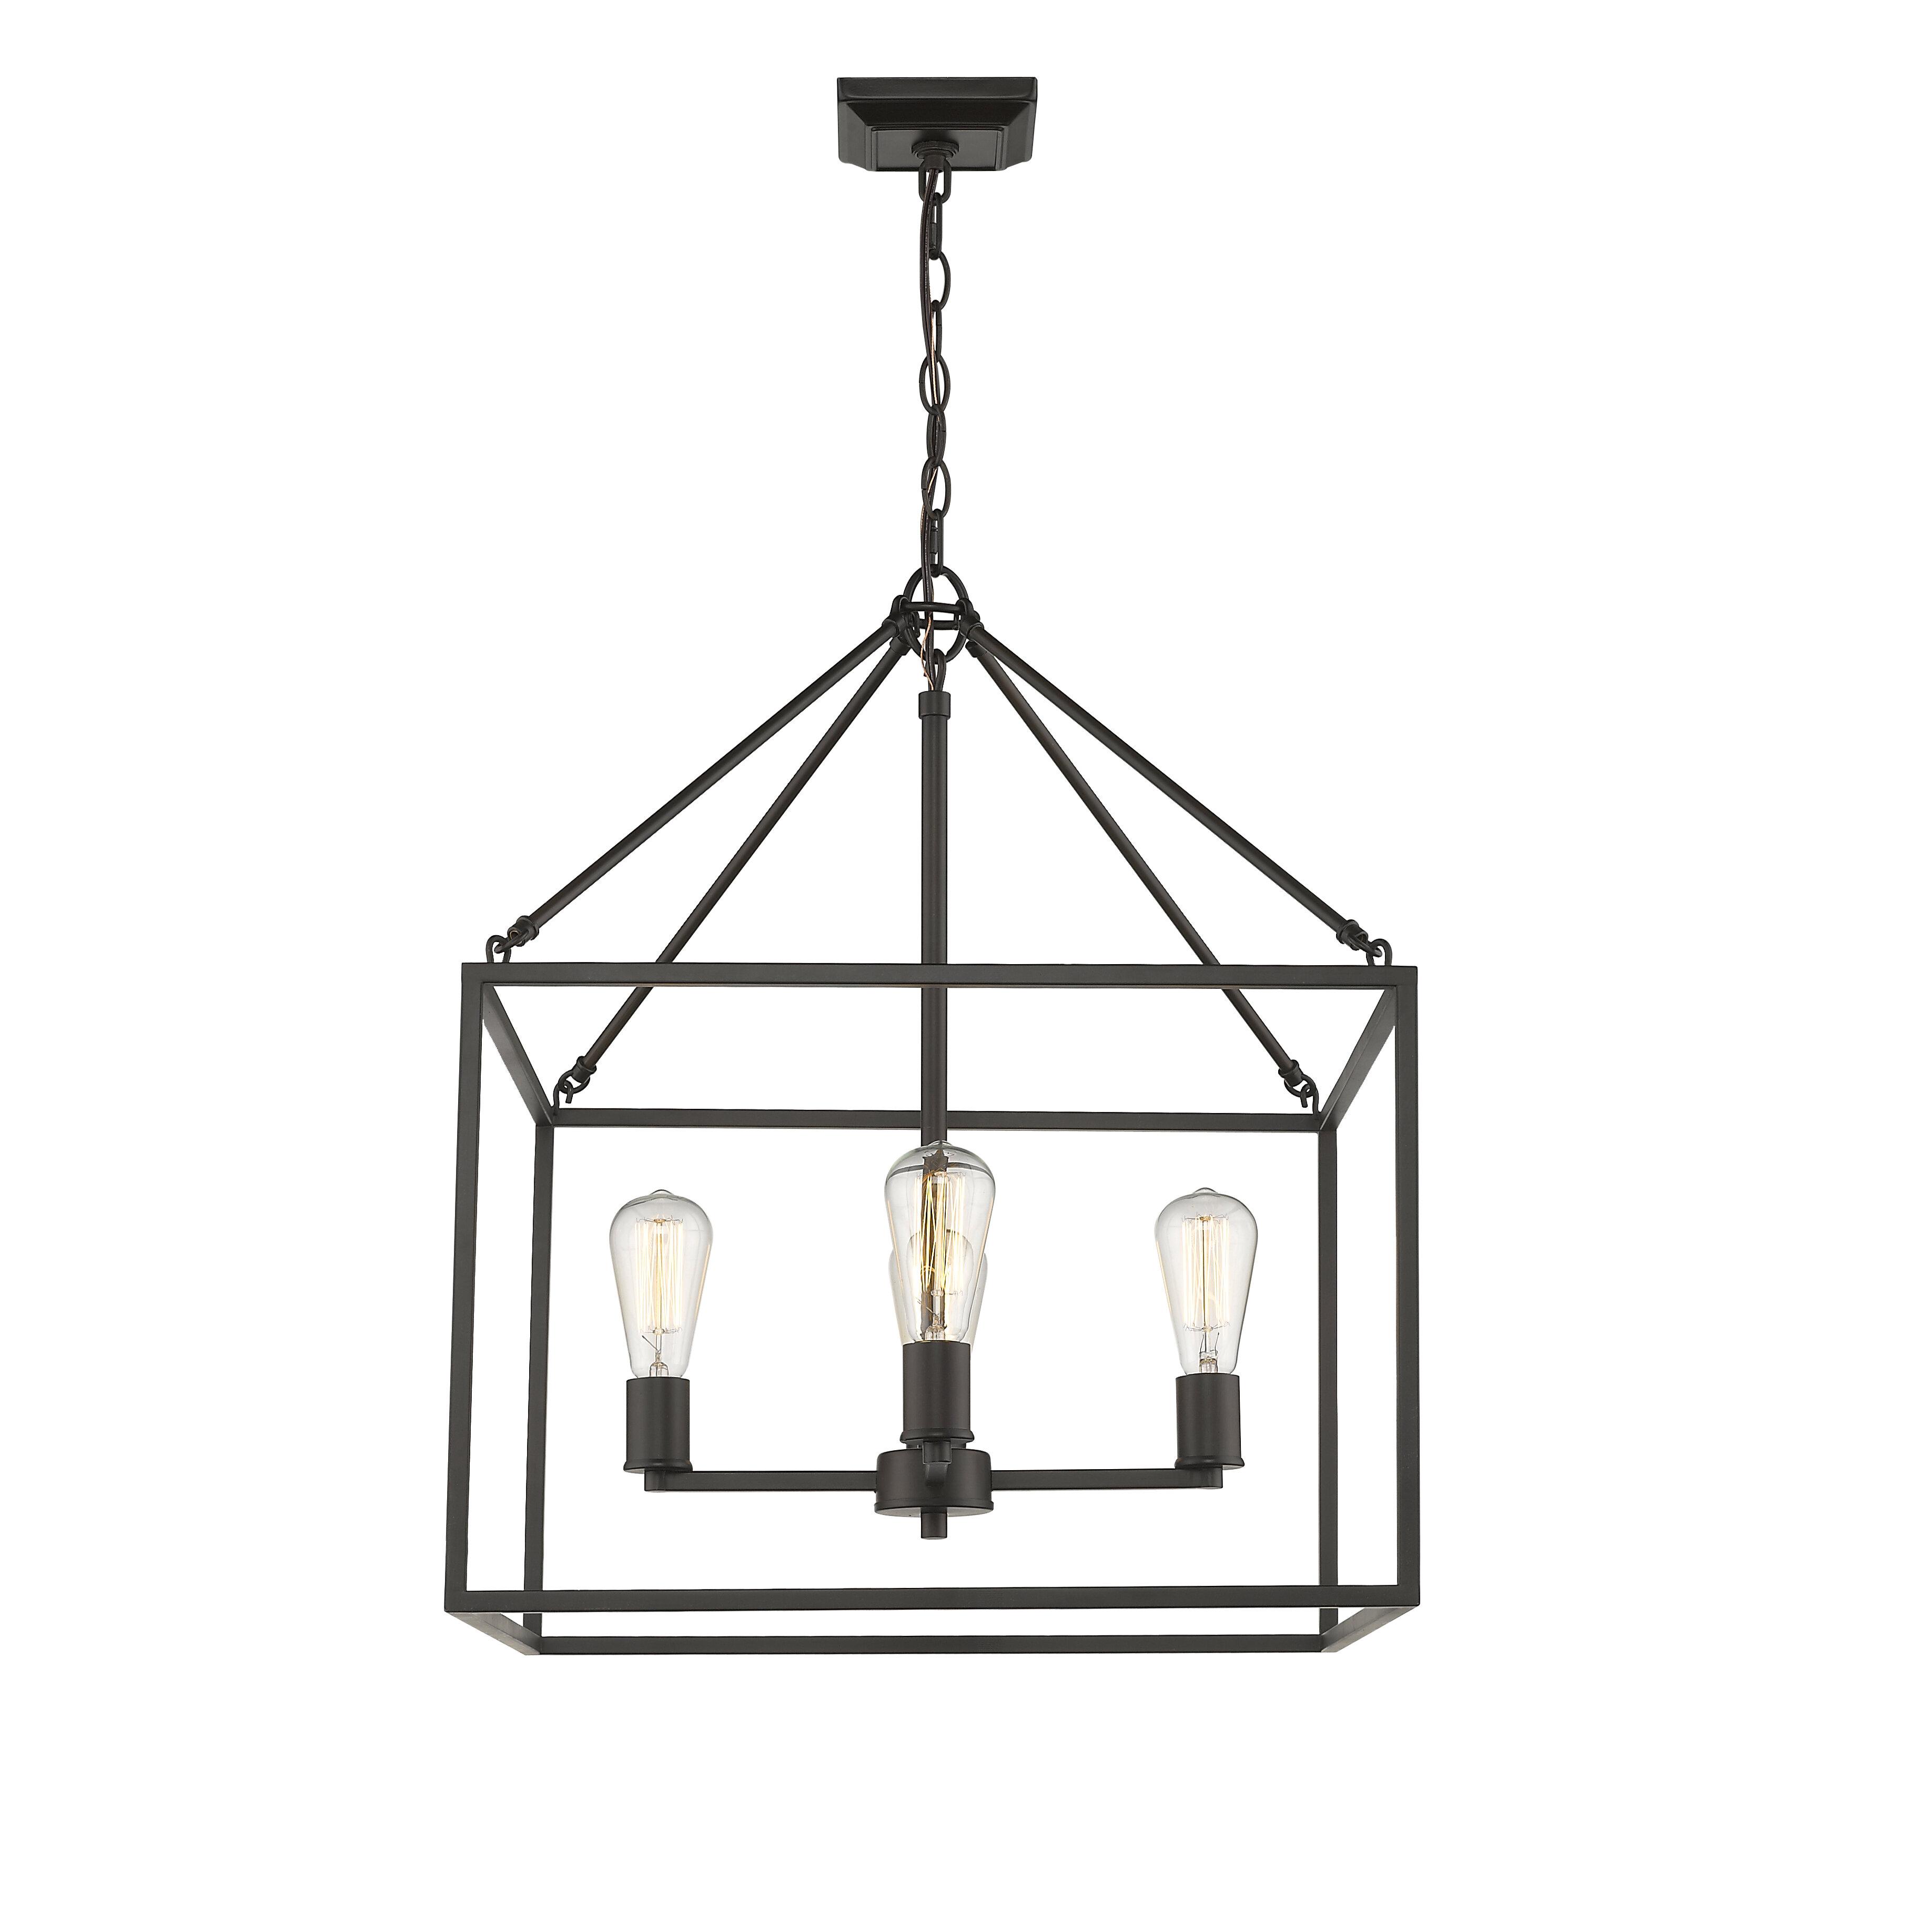 Zabel 4-Light Lantern Square / Rectangle Pendant in Odie 4-Light Lantern Square Pendants (Image 29 of 30)